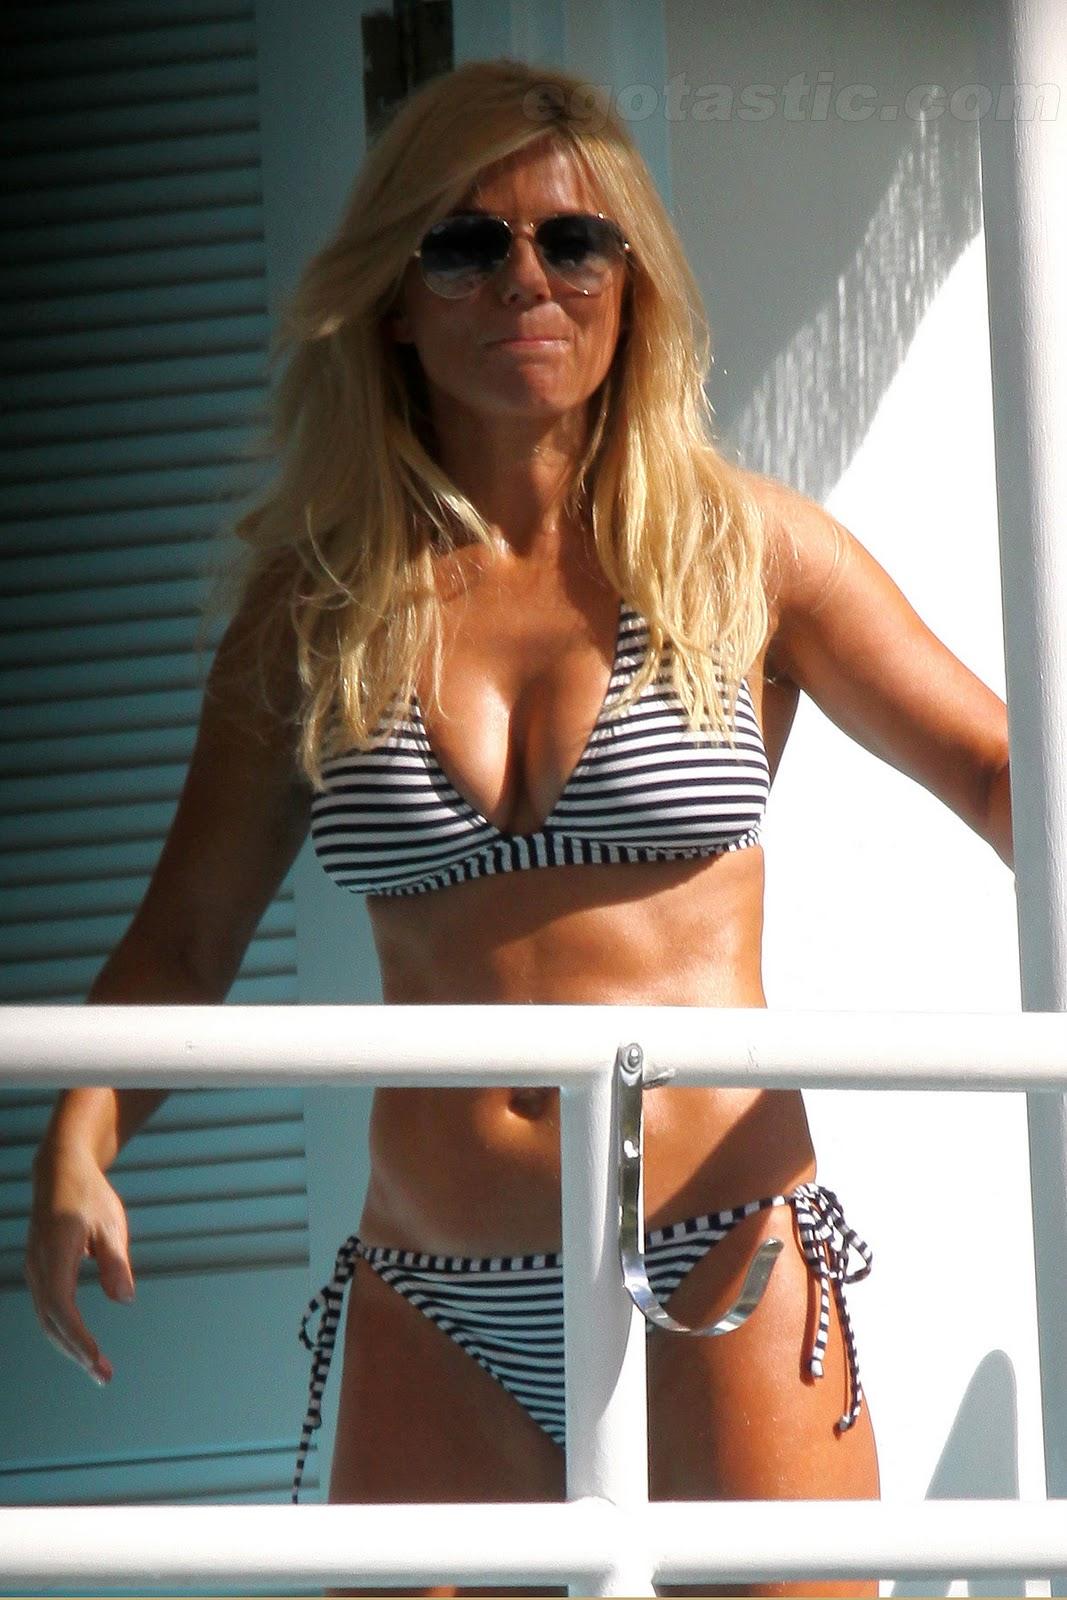 http://2.bp.blogspot.com/_b50bgnXUzGc/TQqK92PJ78I/AAAAAAAABaE/Z7mowB6WhdQ/s1600/geri-halliwell-striped-bikini-37-FP_6142591.jpg